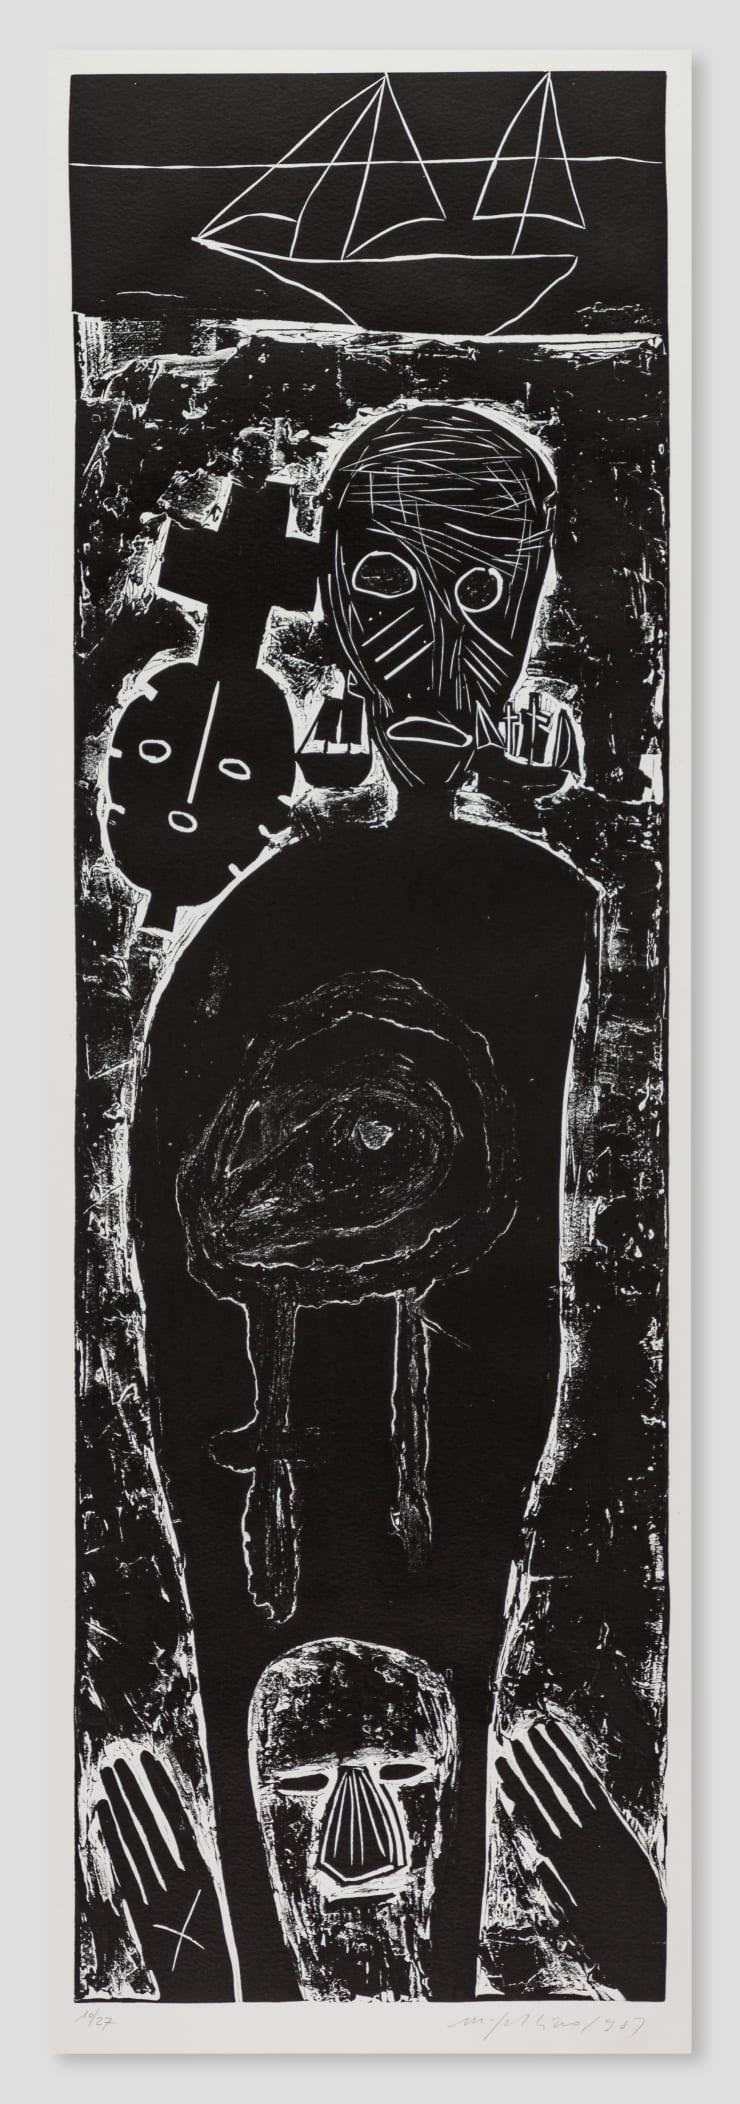 Mimmo Paladino, Atlantico IV (Large Figure with Mask), 1987